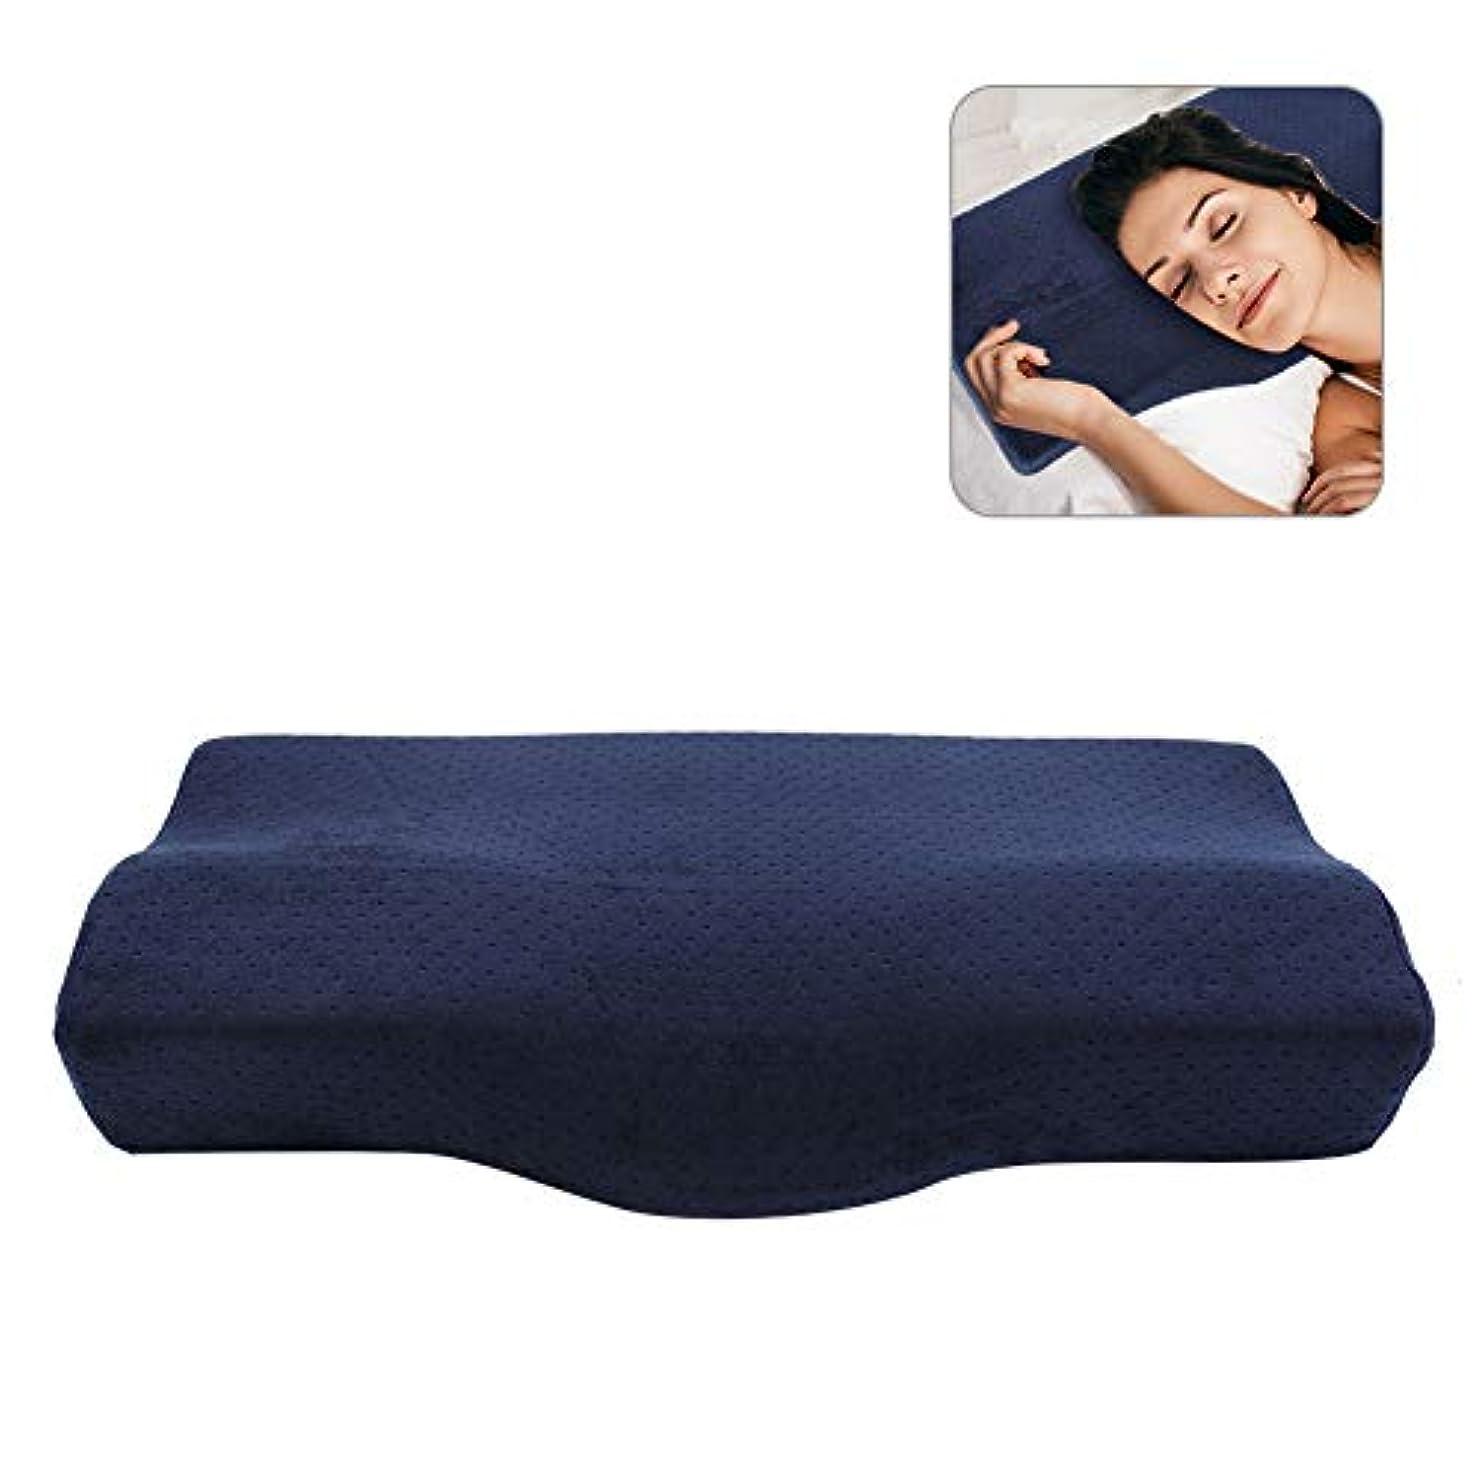 好きクラッシュコショウ枕 安眠 低反発枕 肩こり対策 頸椎サポート 肩こり対策 首?頭?肩 子供 大人向き 美容院&グラフトまつげ (ダークブルー)